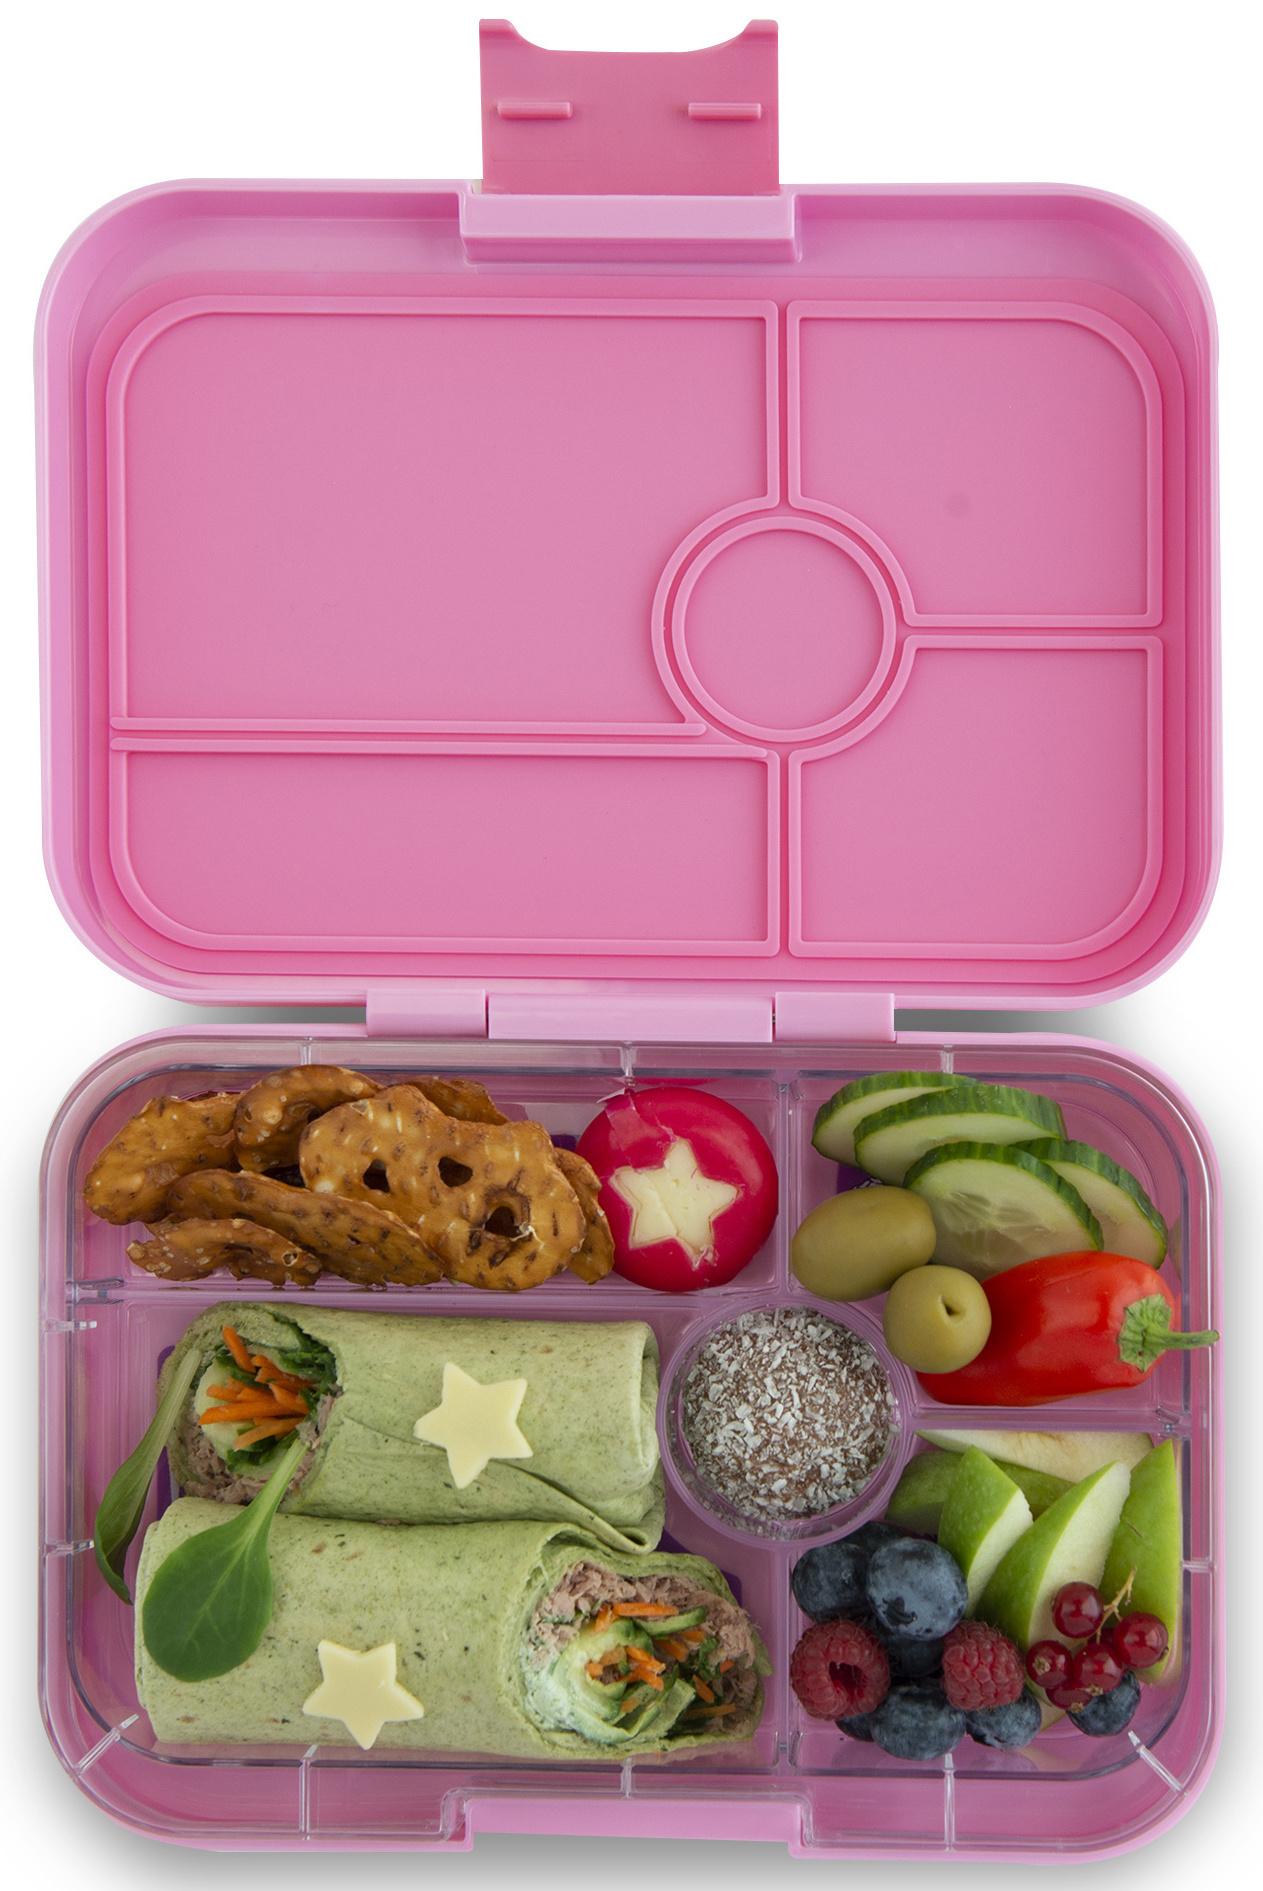 Yumbox Tapas XL lunchtrommel Stardust roze / Bon appetit tray 5-vakken-2